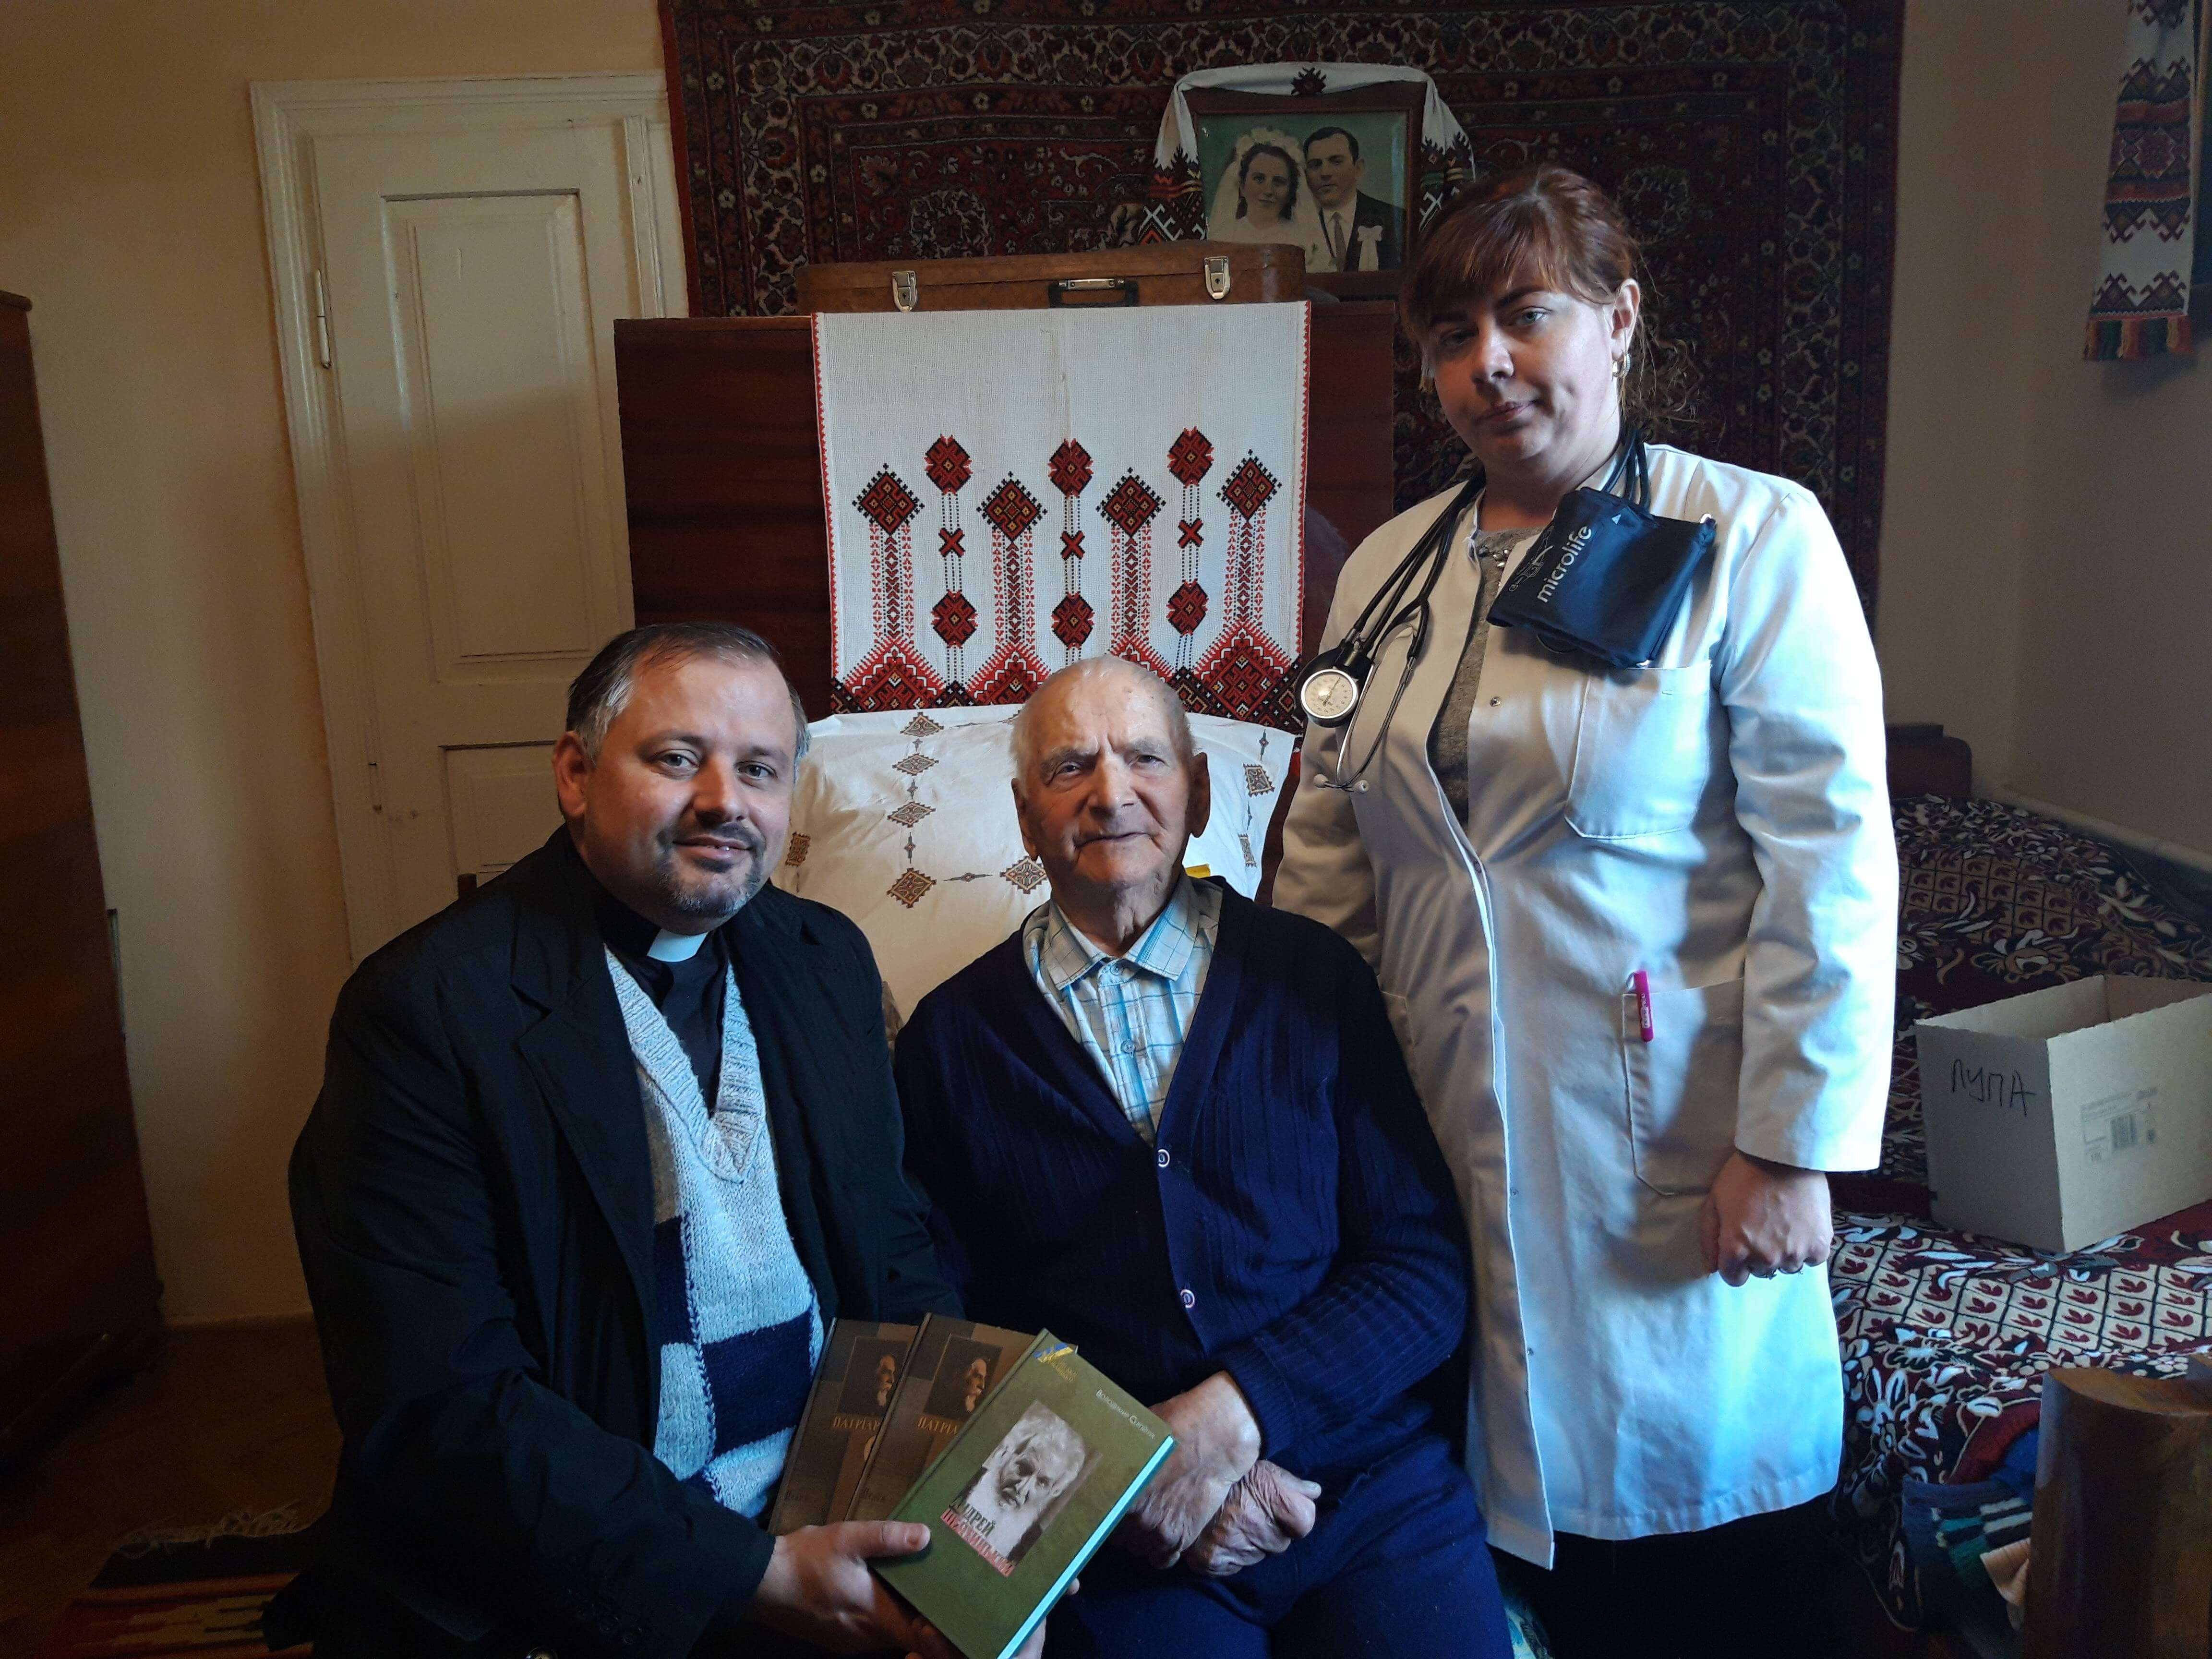 З ліками і продуктами: найстаршого ветерана ОУН-УПА відвідали франківські волонтери (ФОТО)